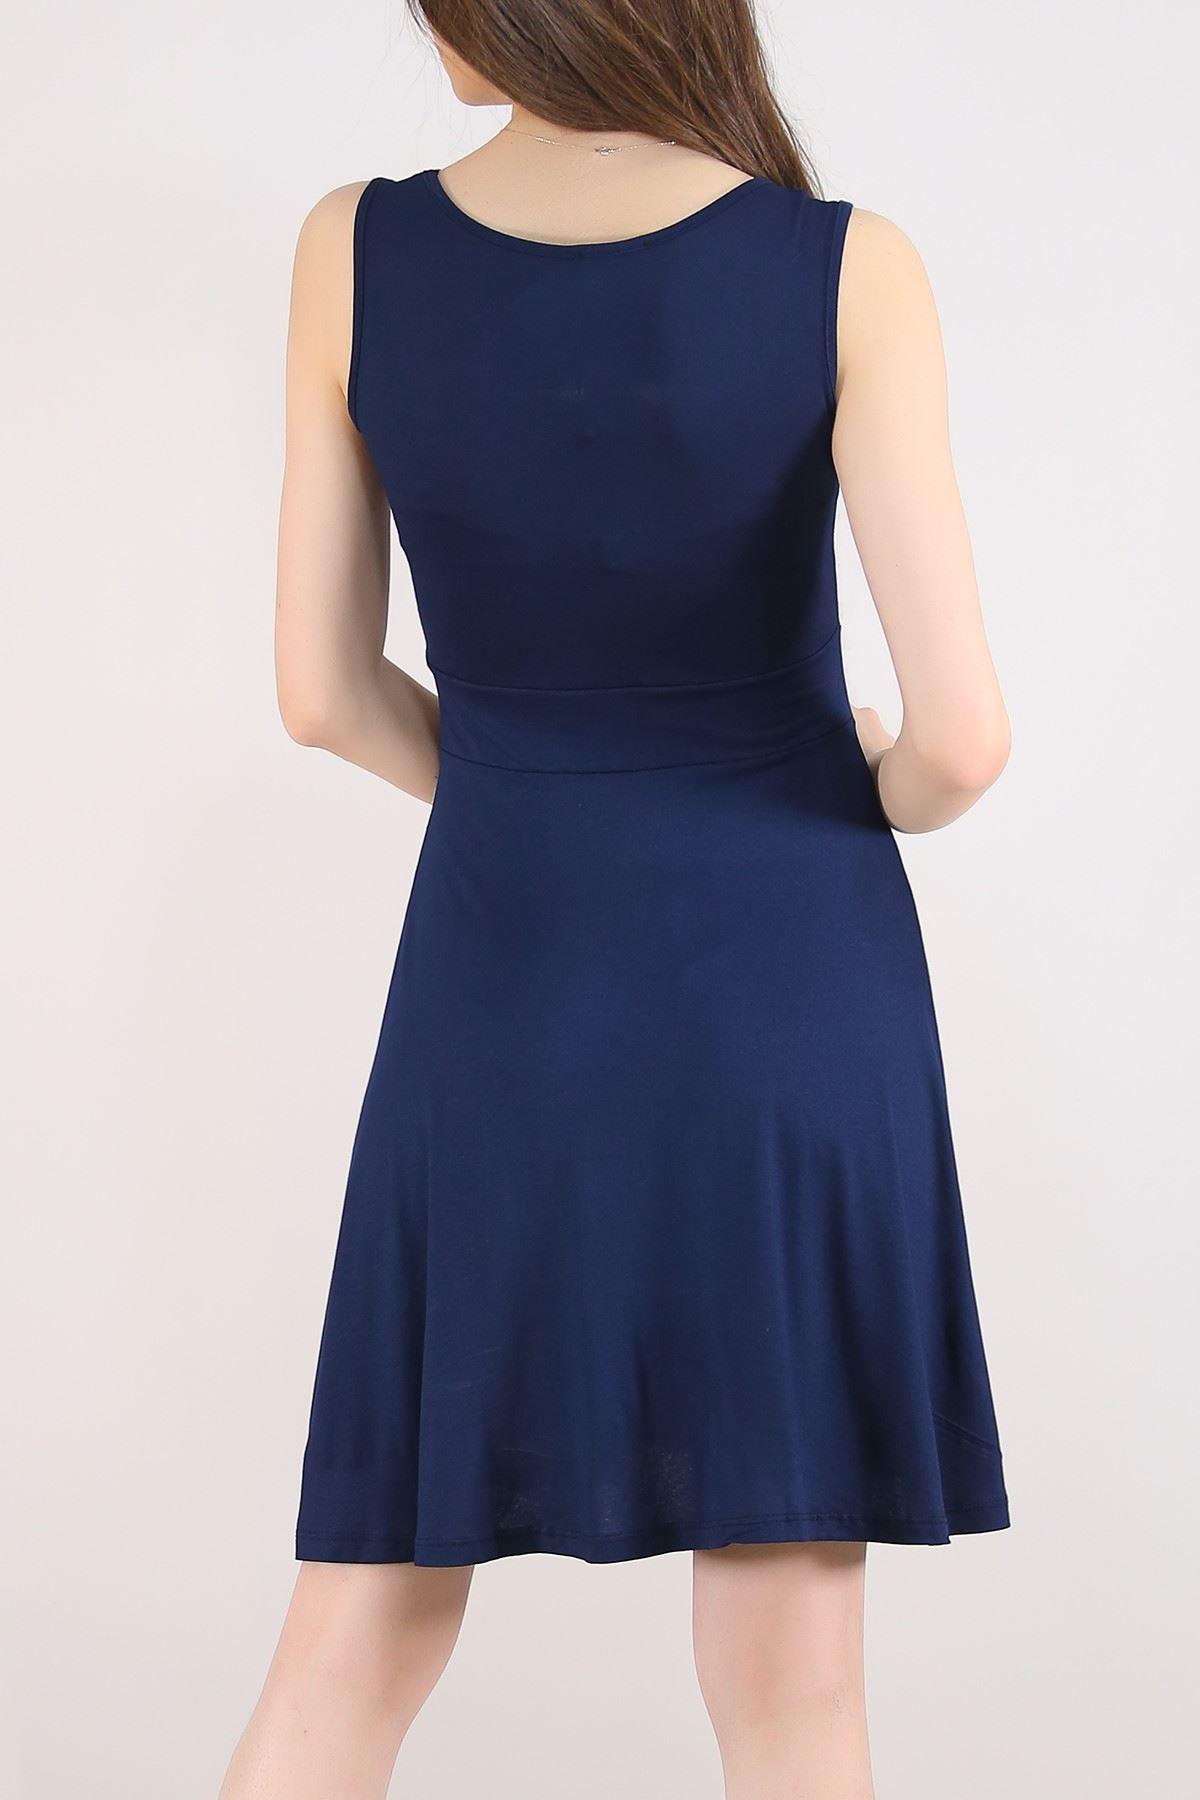 Sıfır Kol Kloş Elbise Lacivert - 5430.716. Toptan